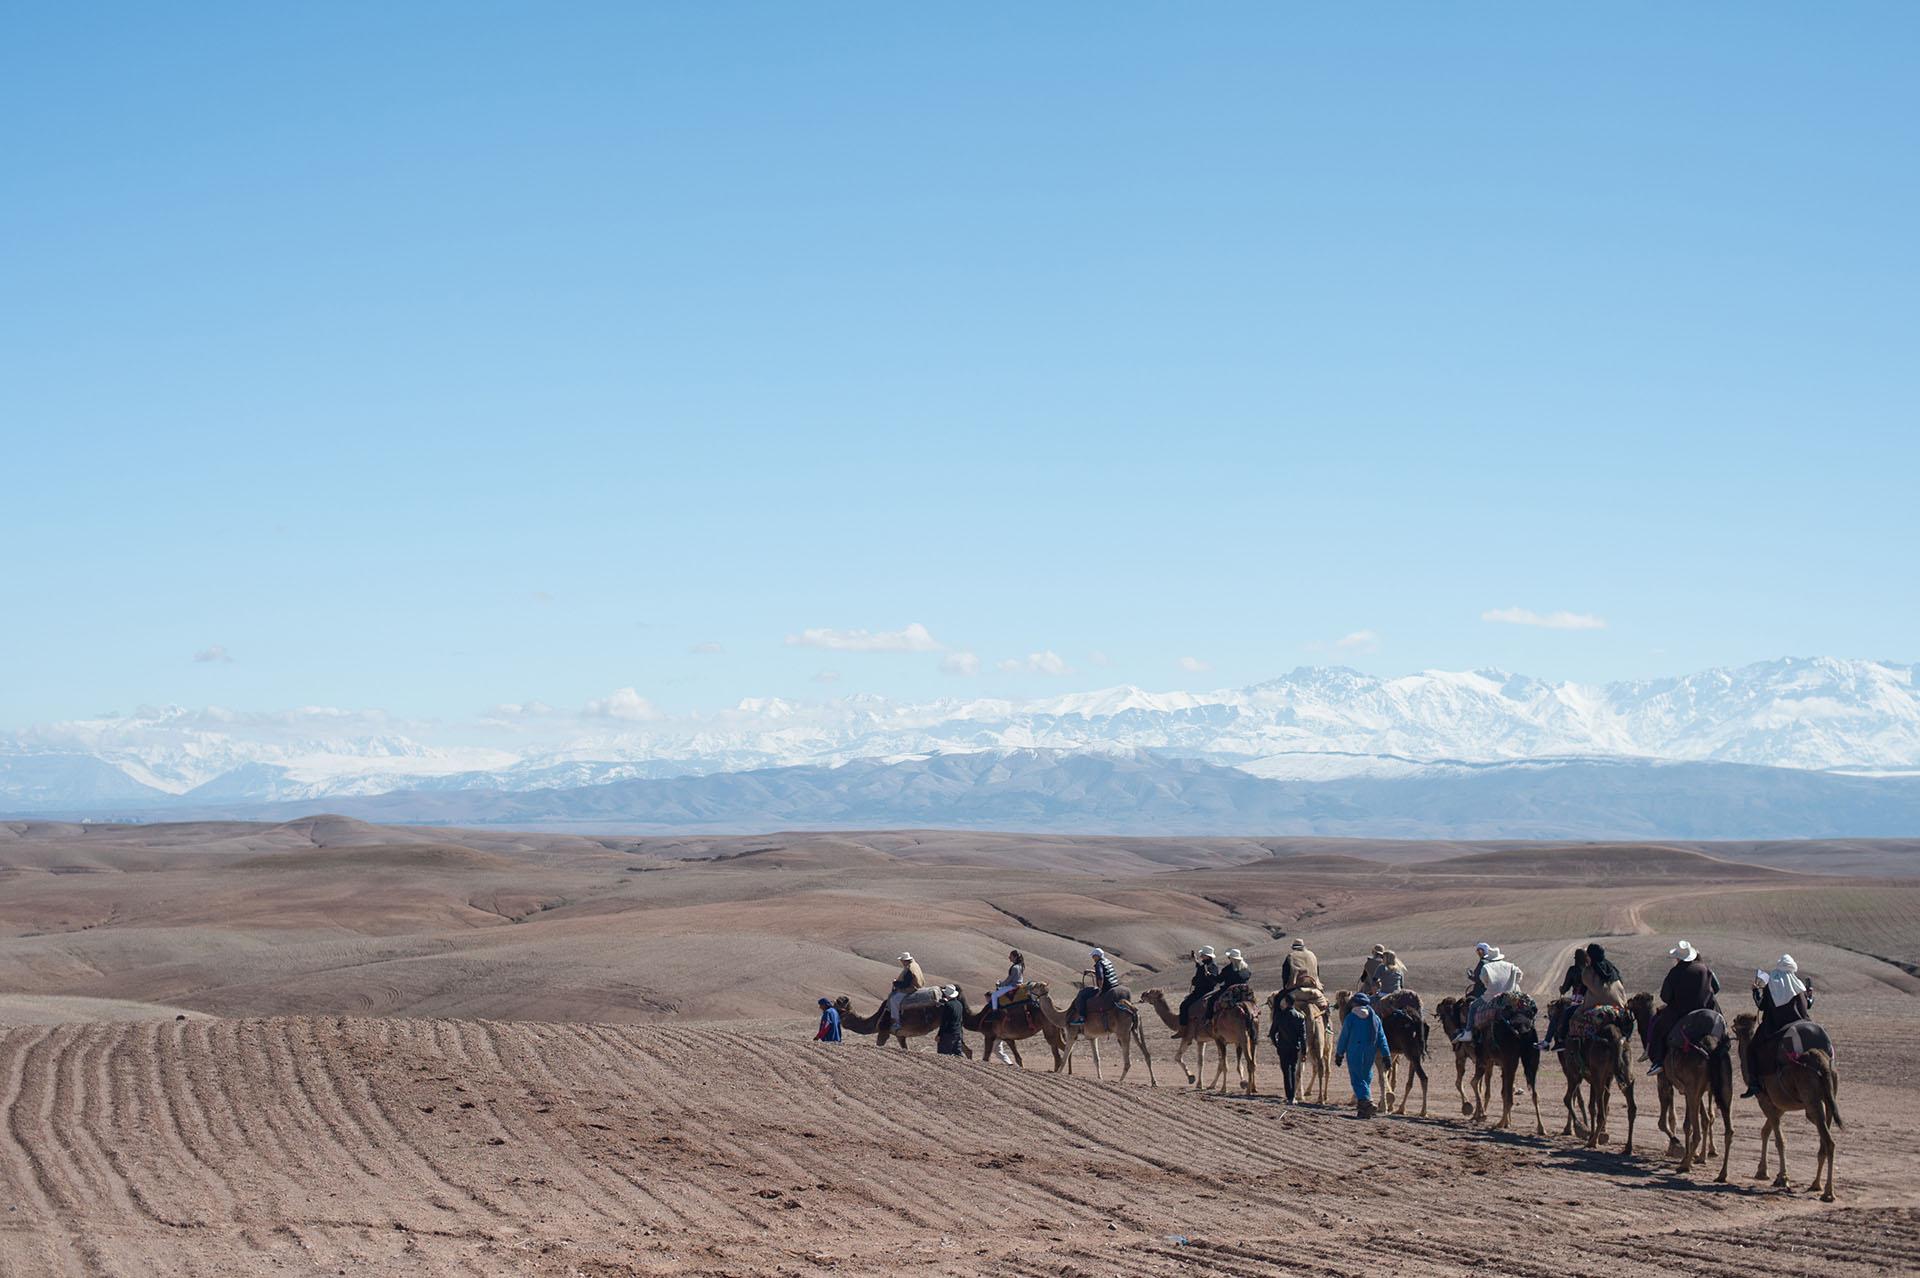 Los invitados disfrutaron del paisaje en el desierto de Agafay